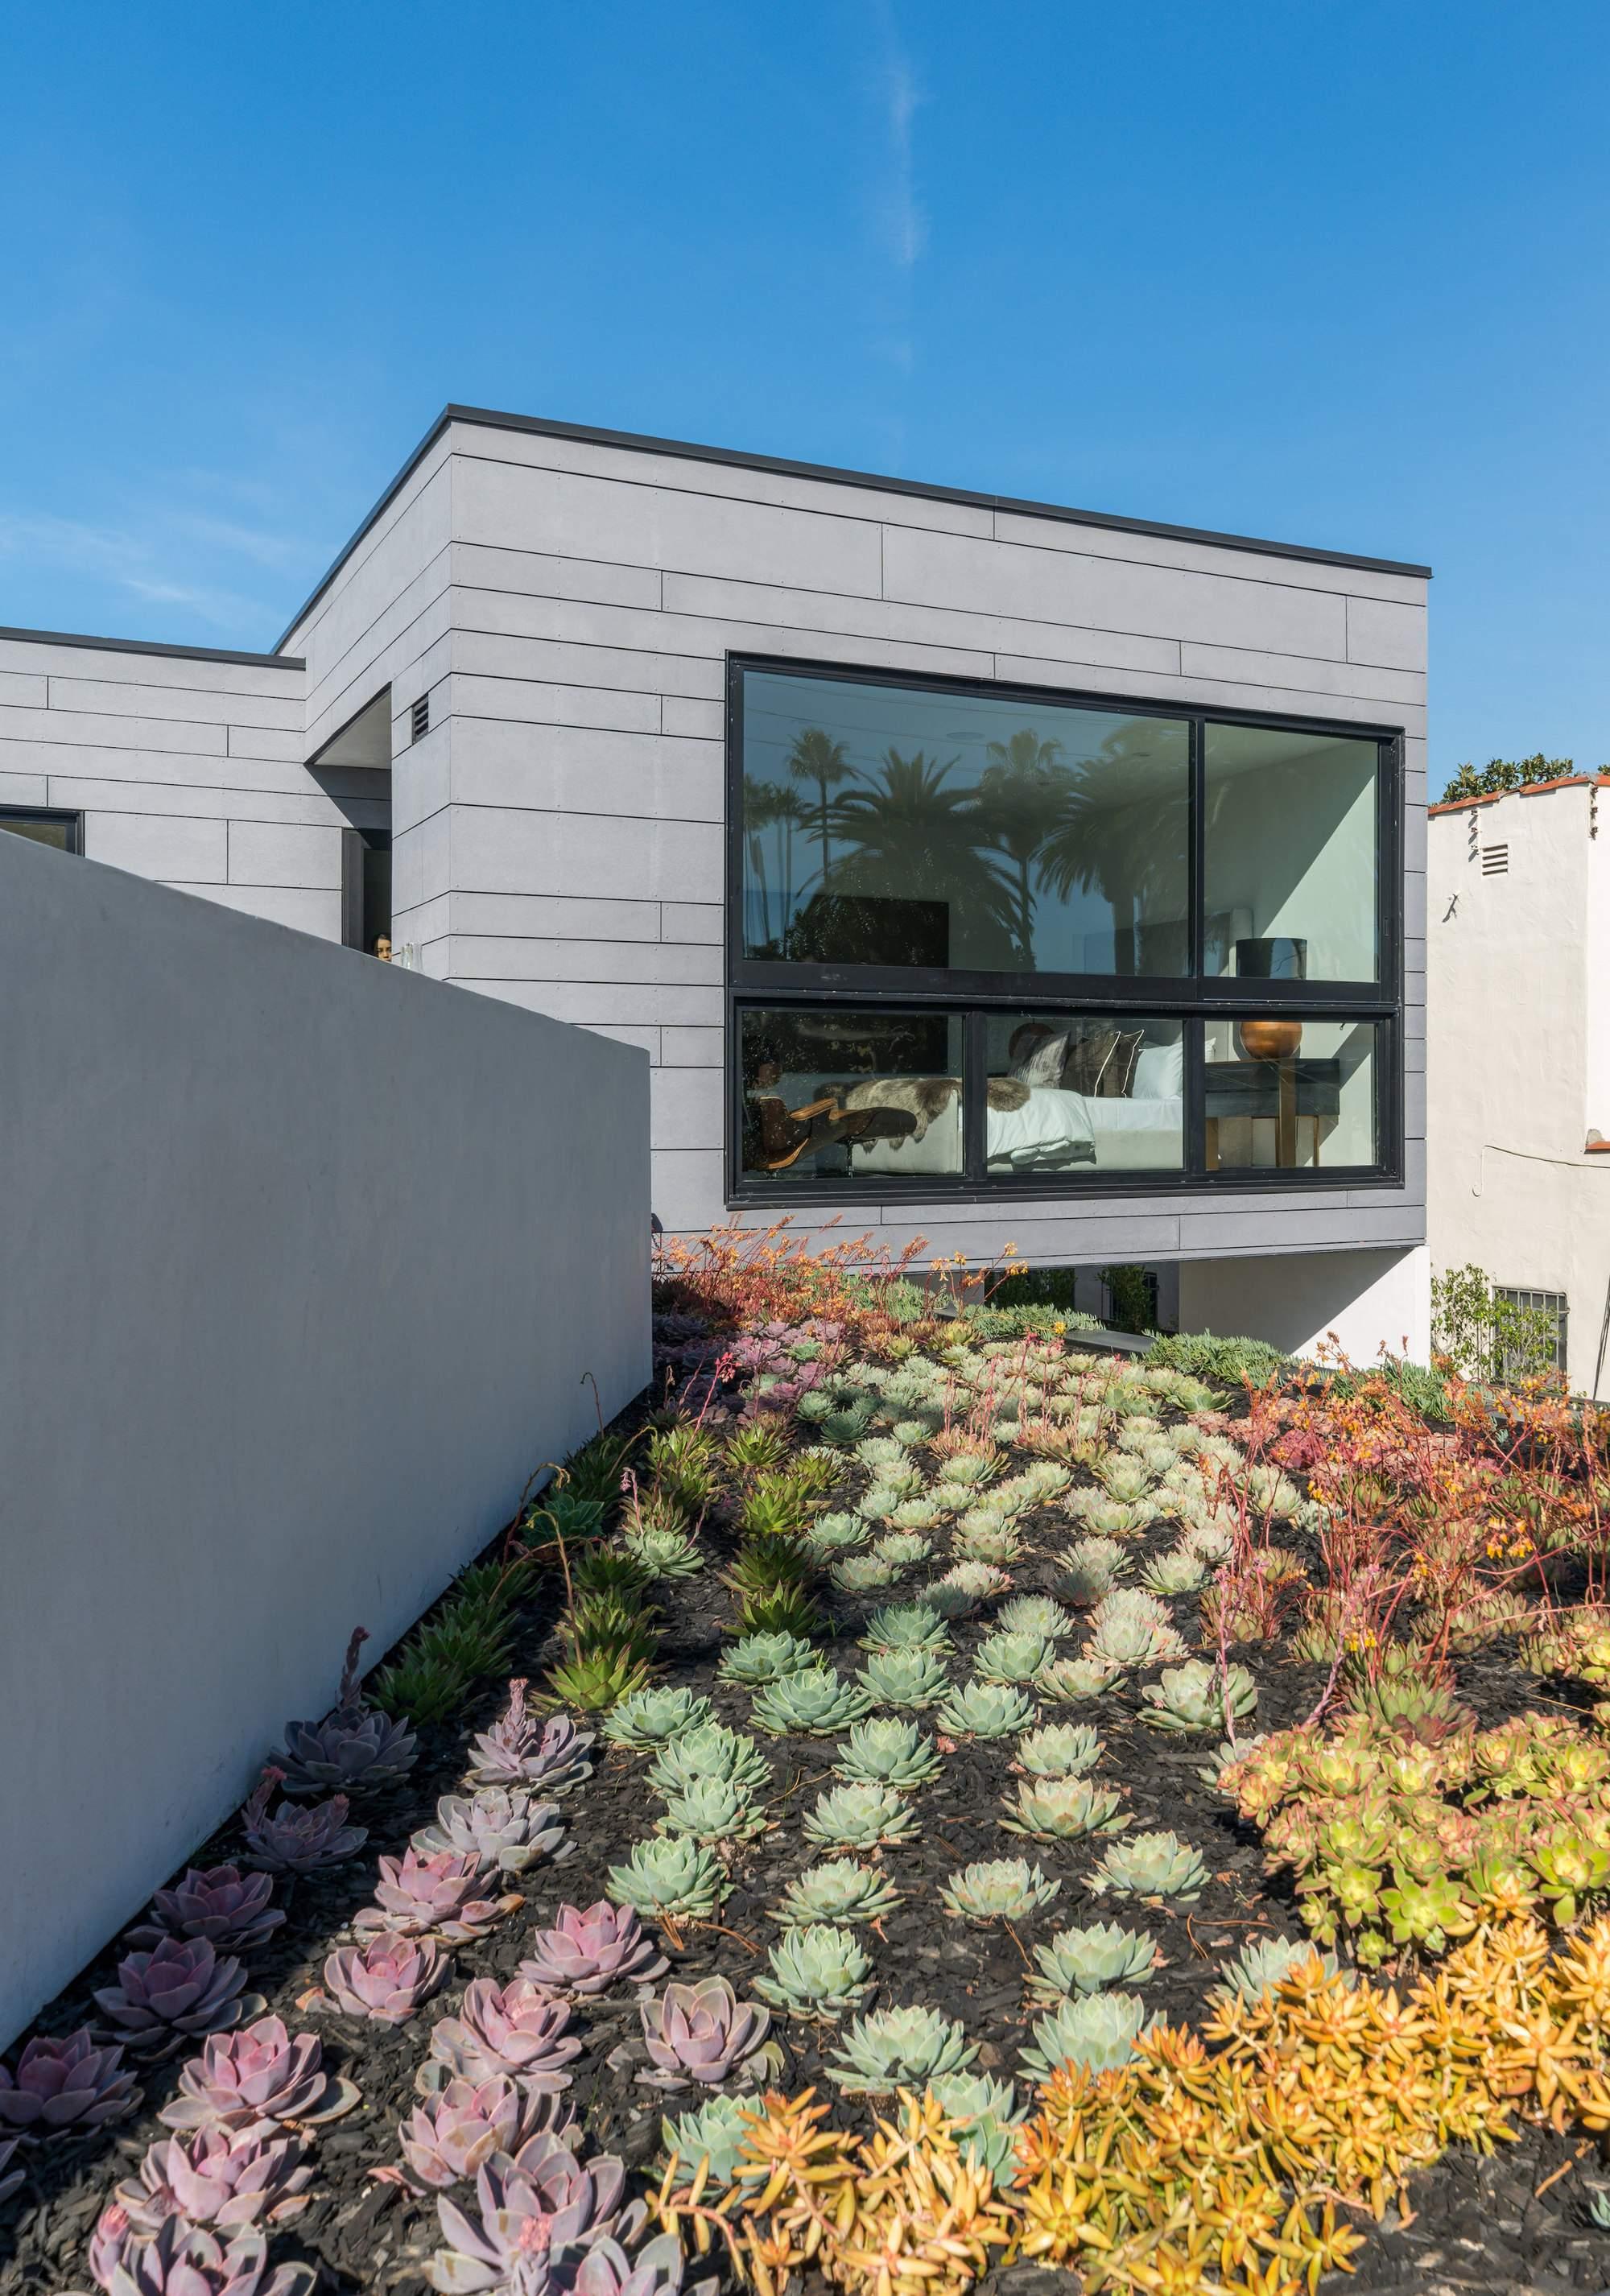 Семейная резиденция с садом на крыше в Лос-Анджелесе, США